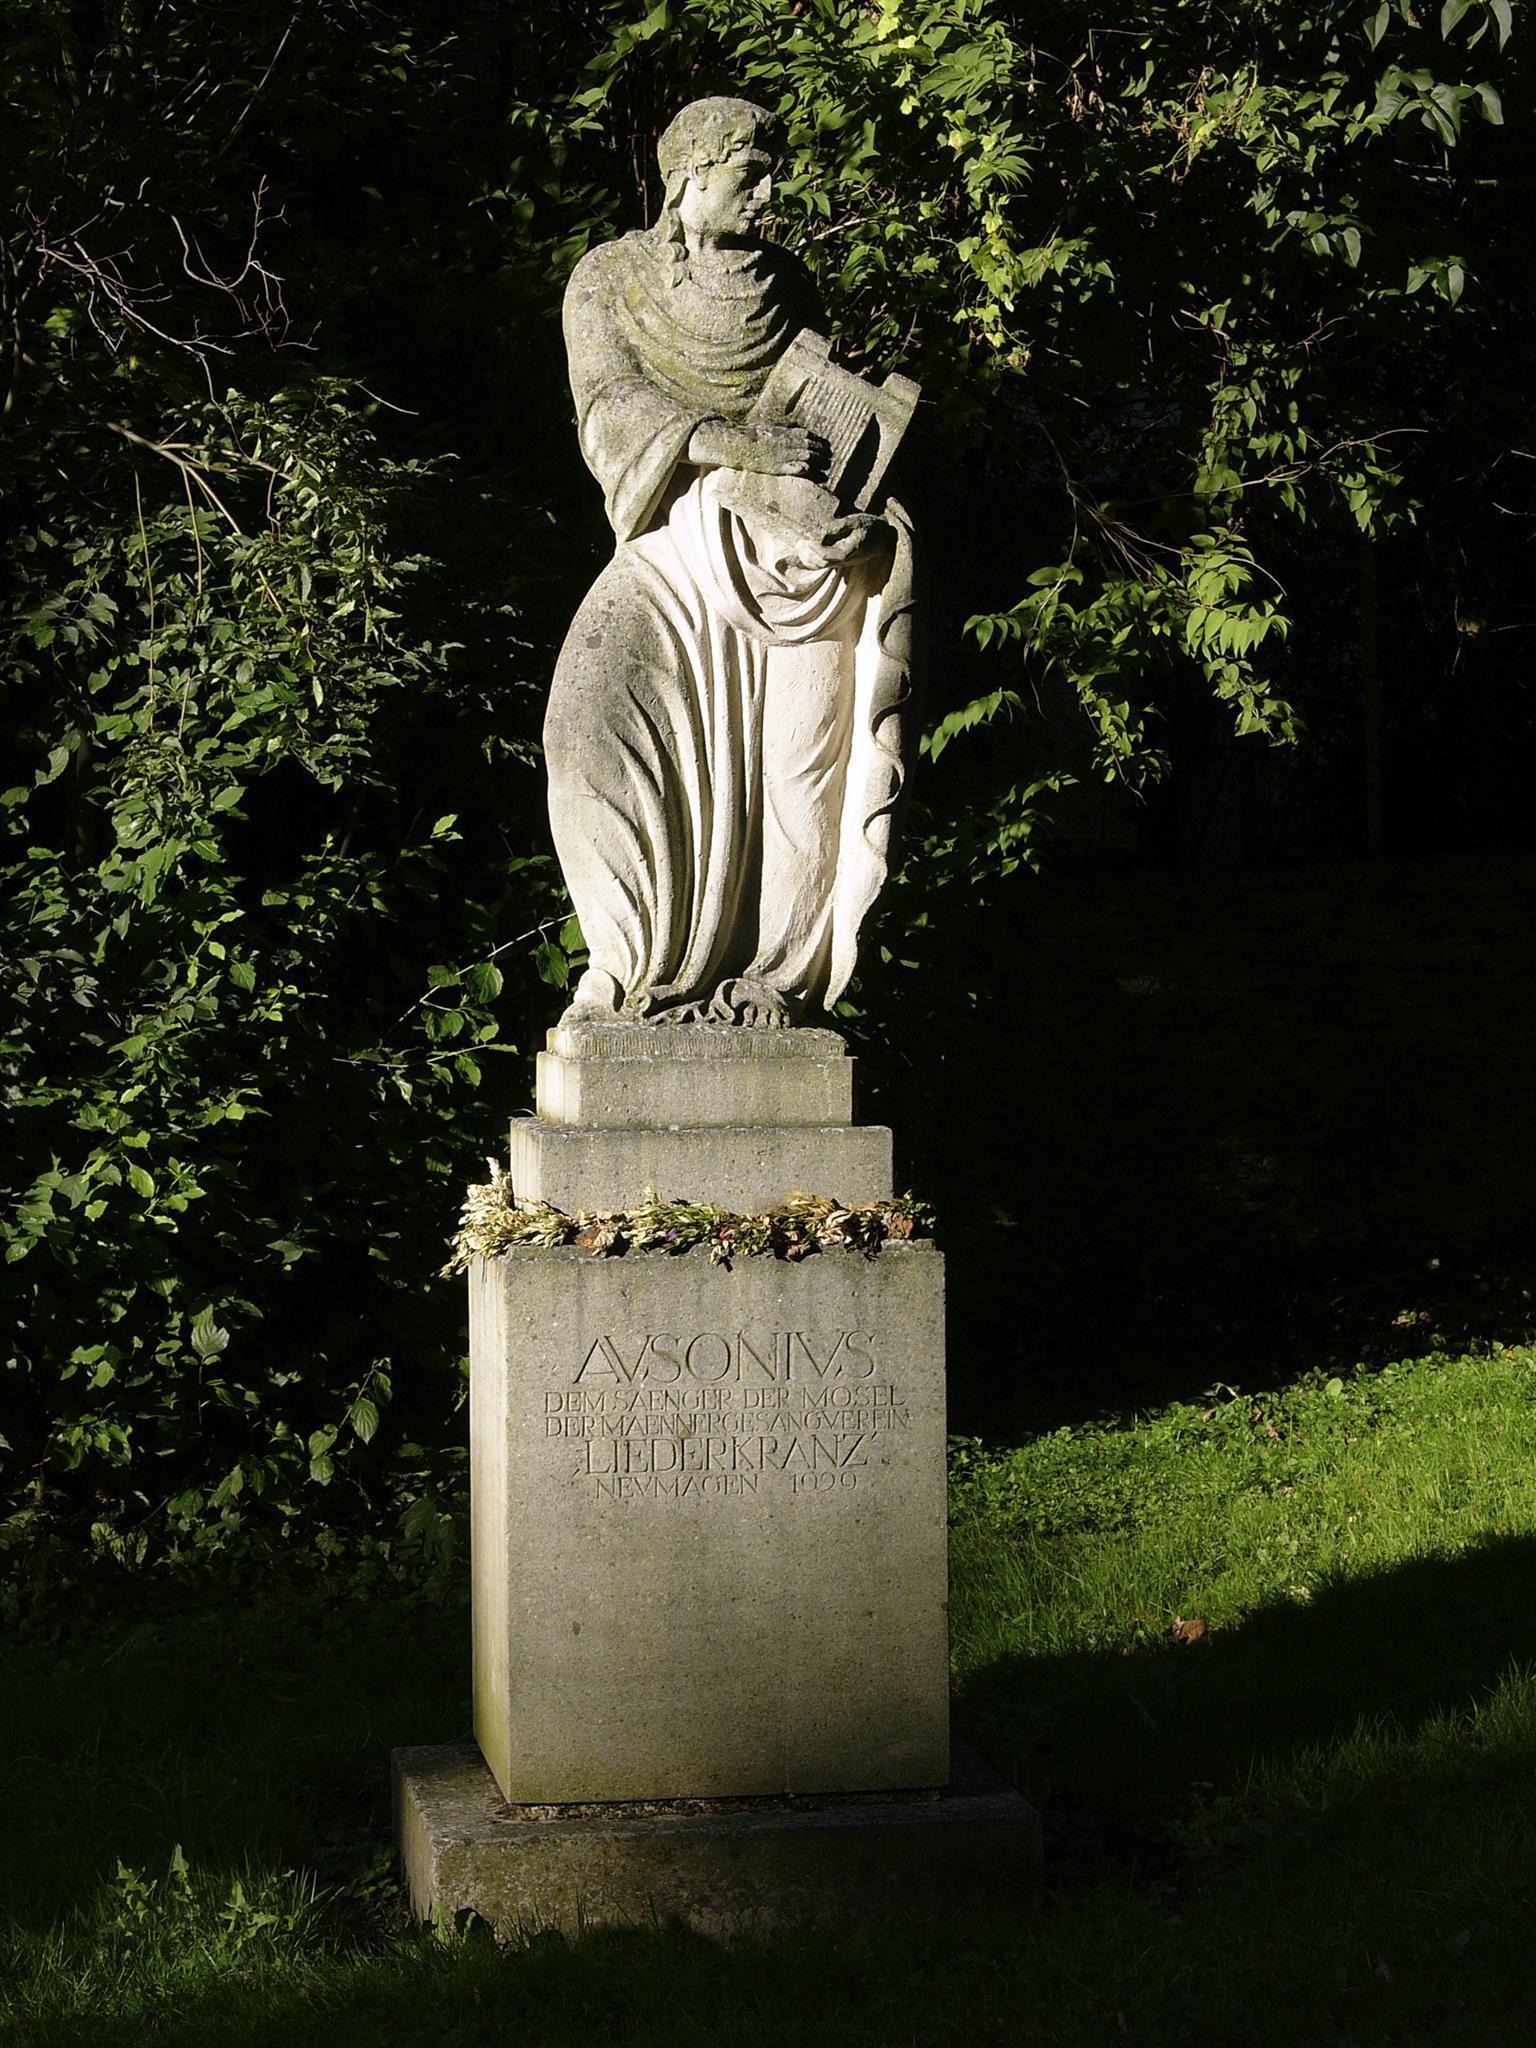 Ausoniusdenkmal